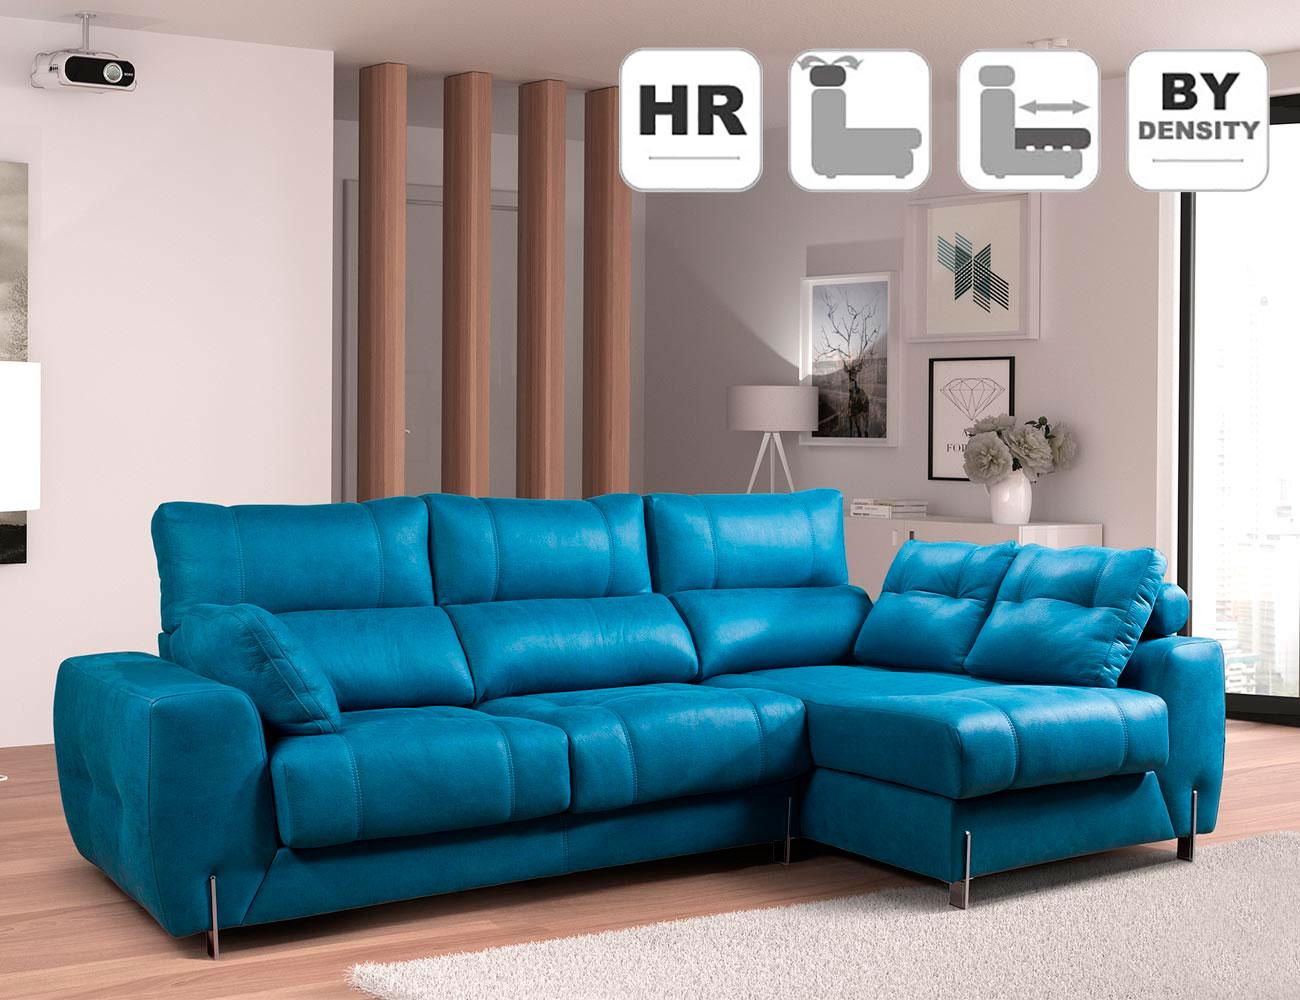 Sofa chaiselongue moderno exclusivo detalle1